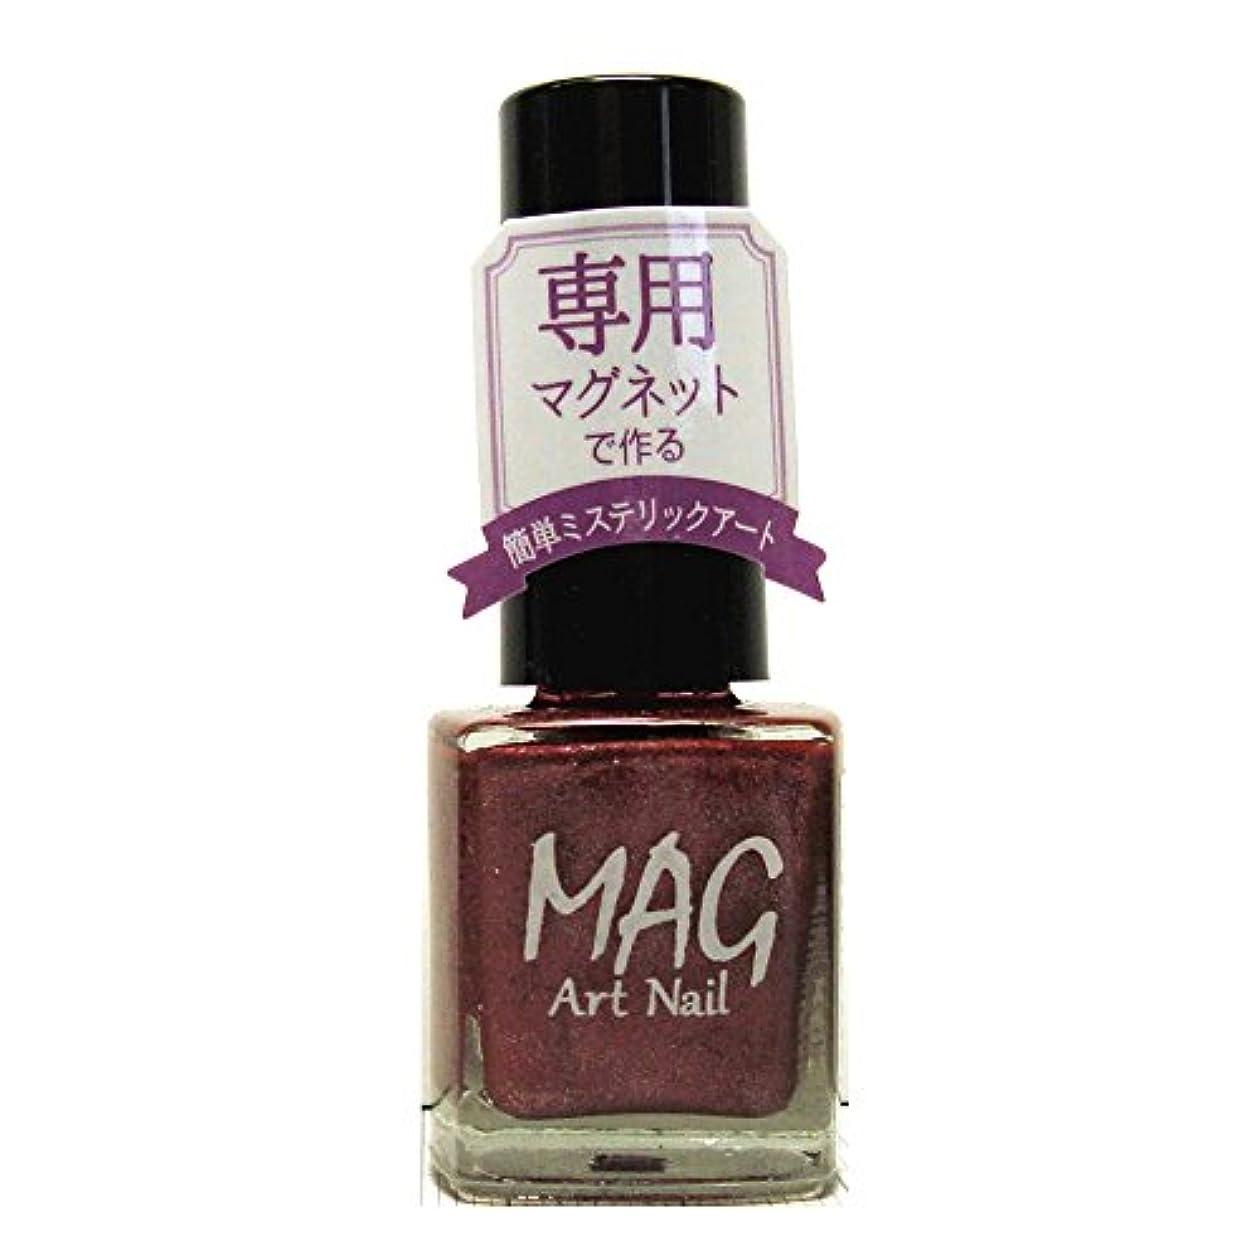 スリチンモイ平方扱いやすいTMマグアートネイル(爪化粧料) TMMA1603 ノーブルカッパー